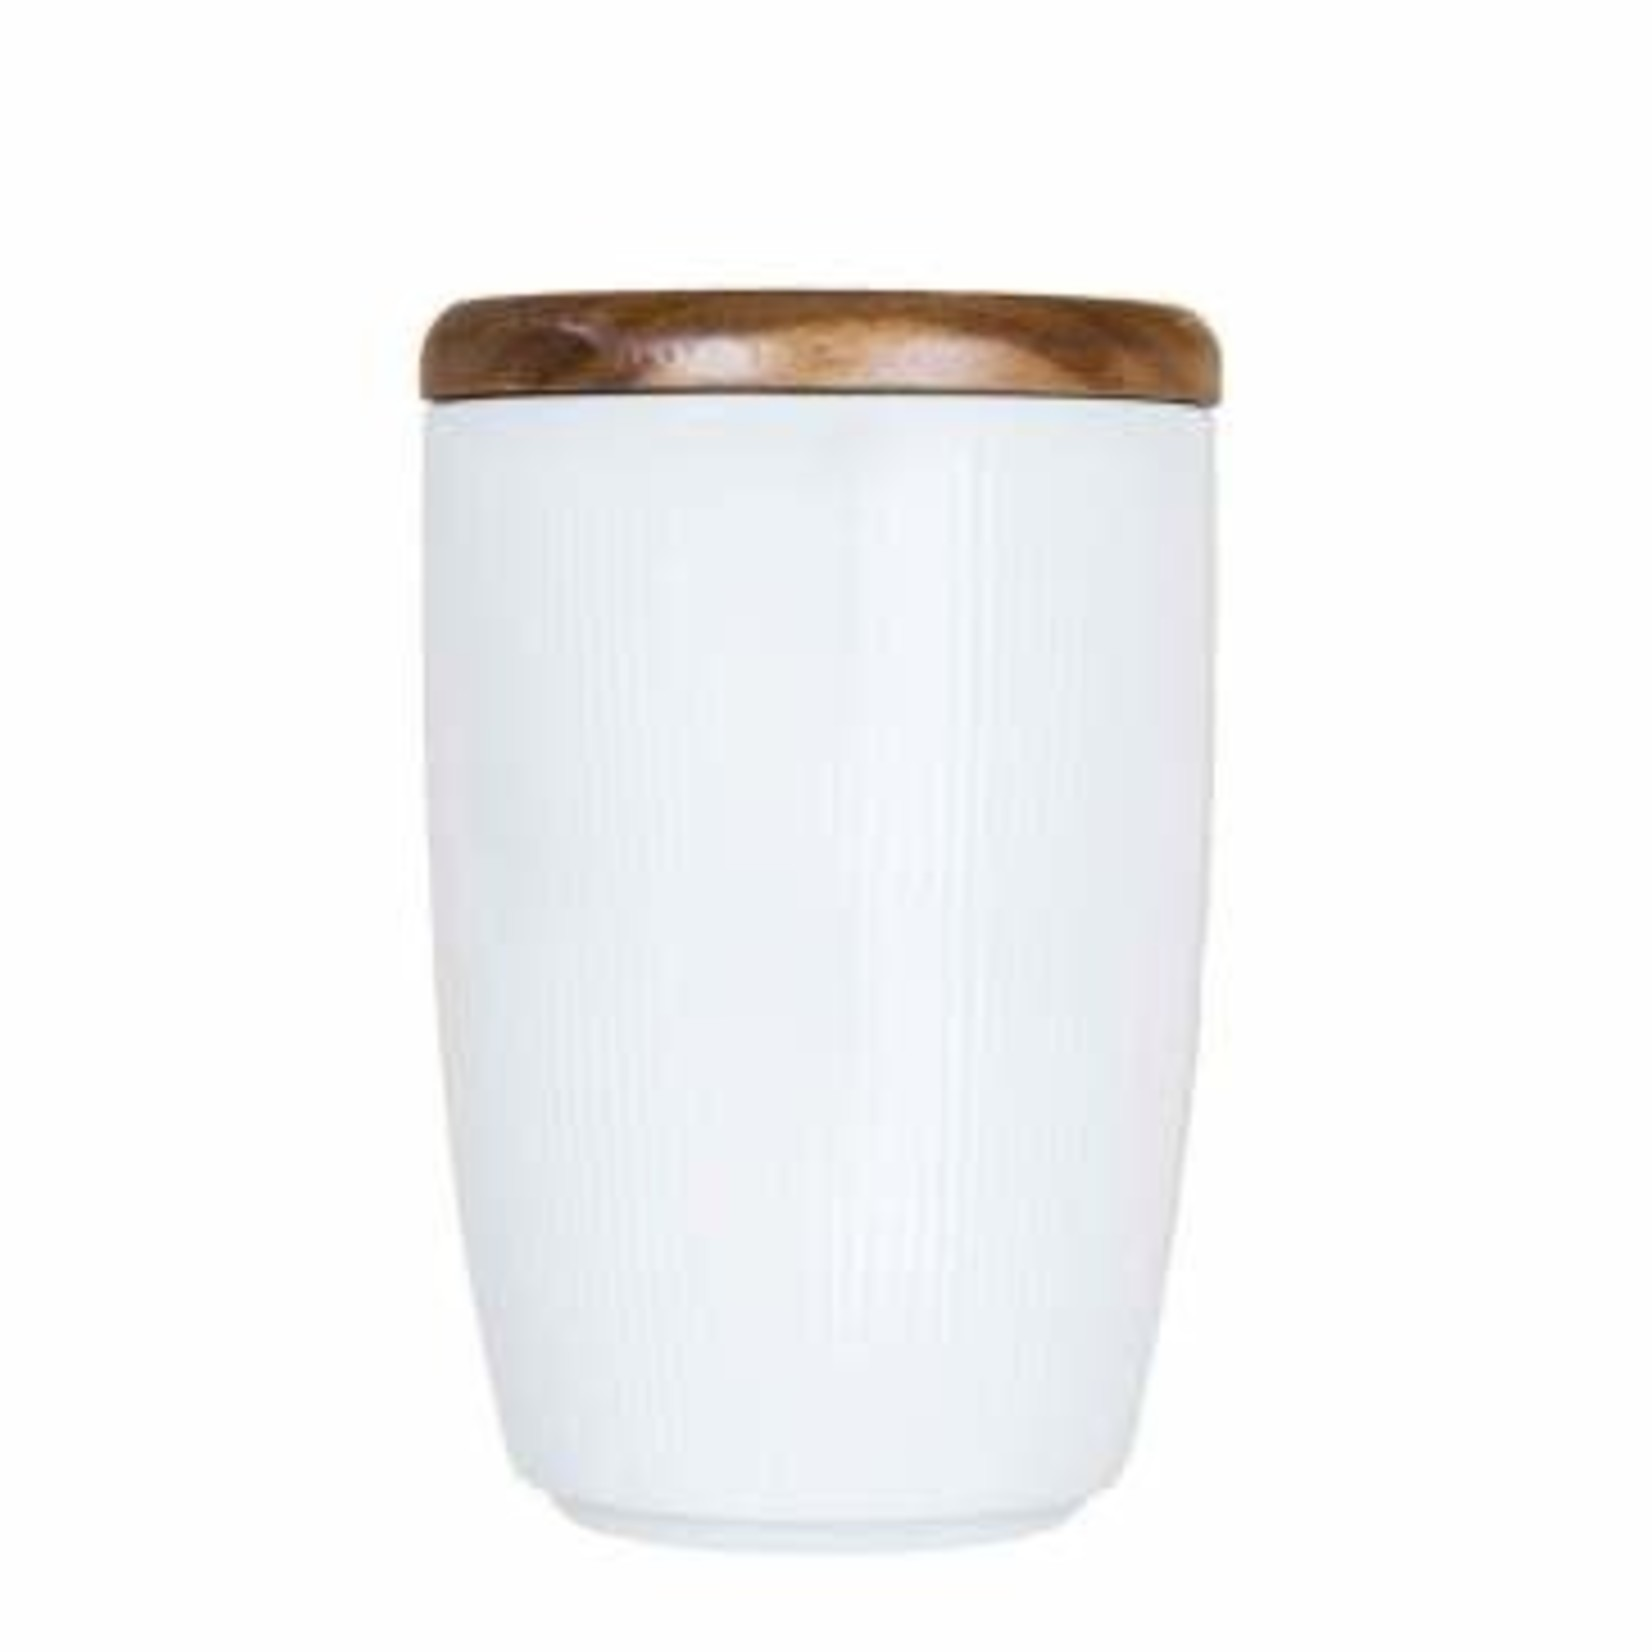 Porcelin Cannister (20 oz)